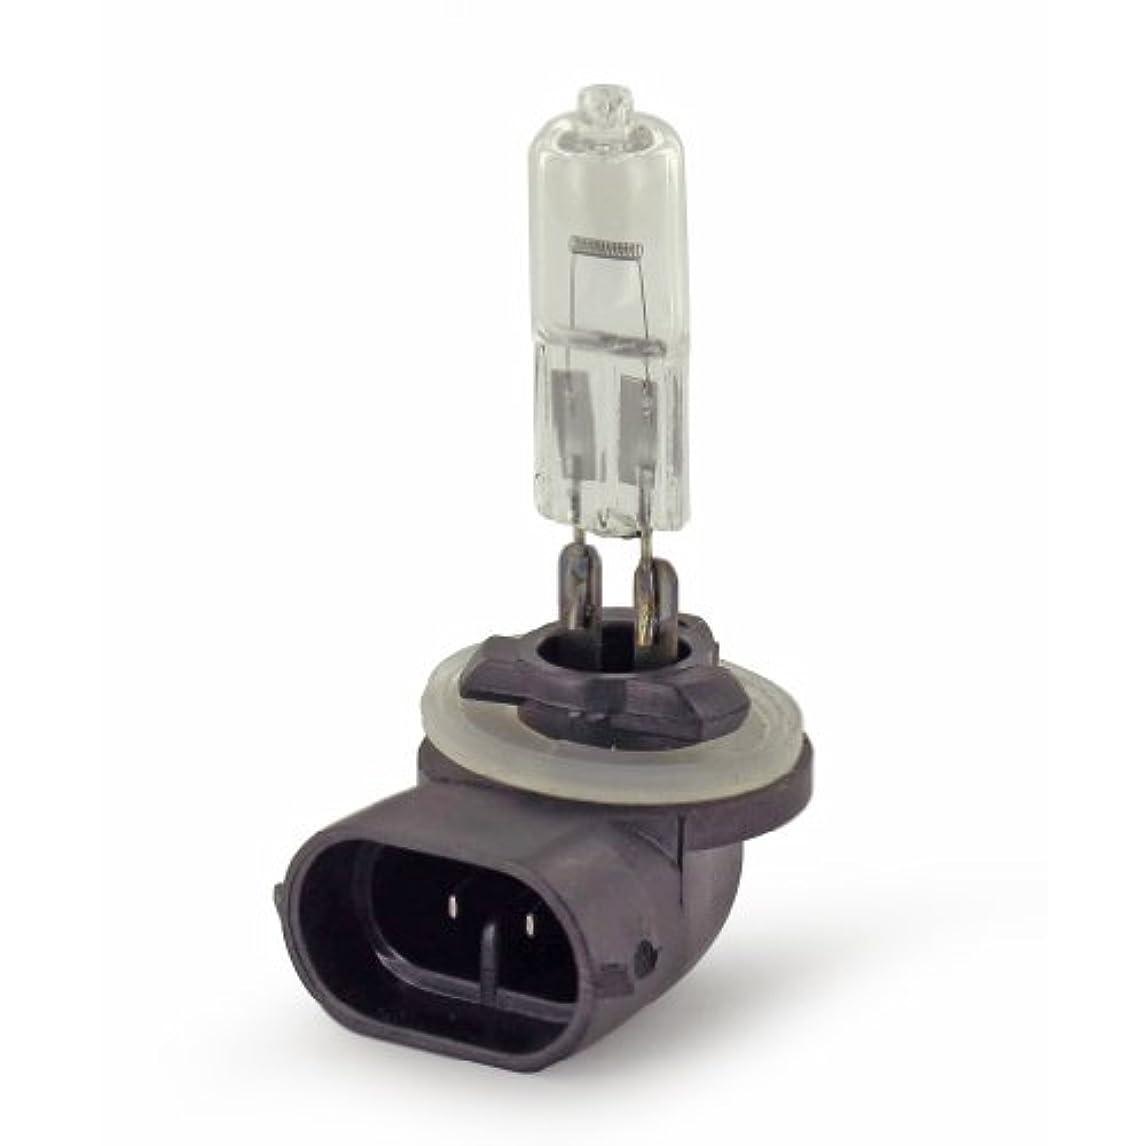 オークション起きているアトムIntella 1062038 GE 894 Bulb, 12.8V, 38W by Intella Liftparts Inc.